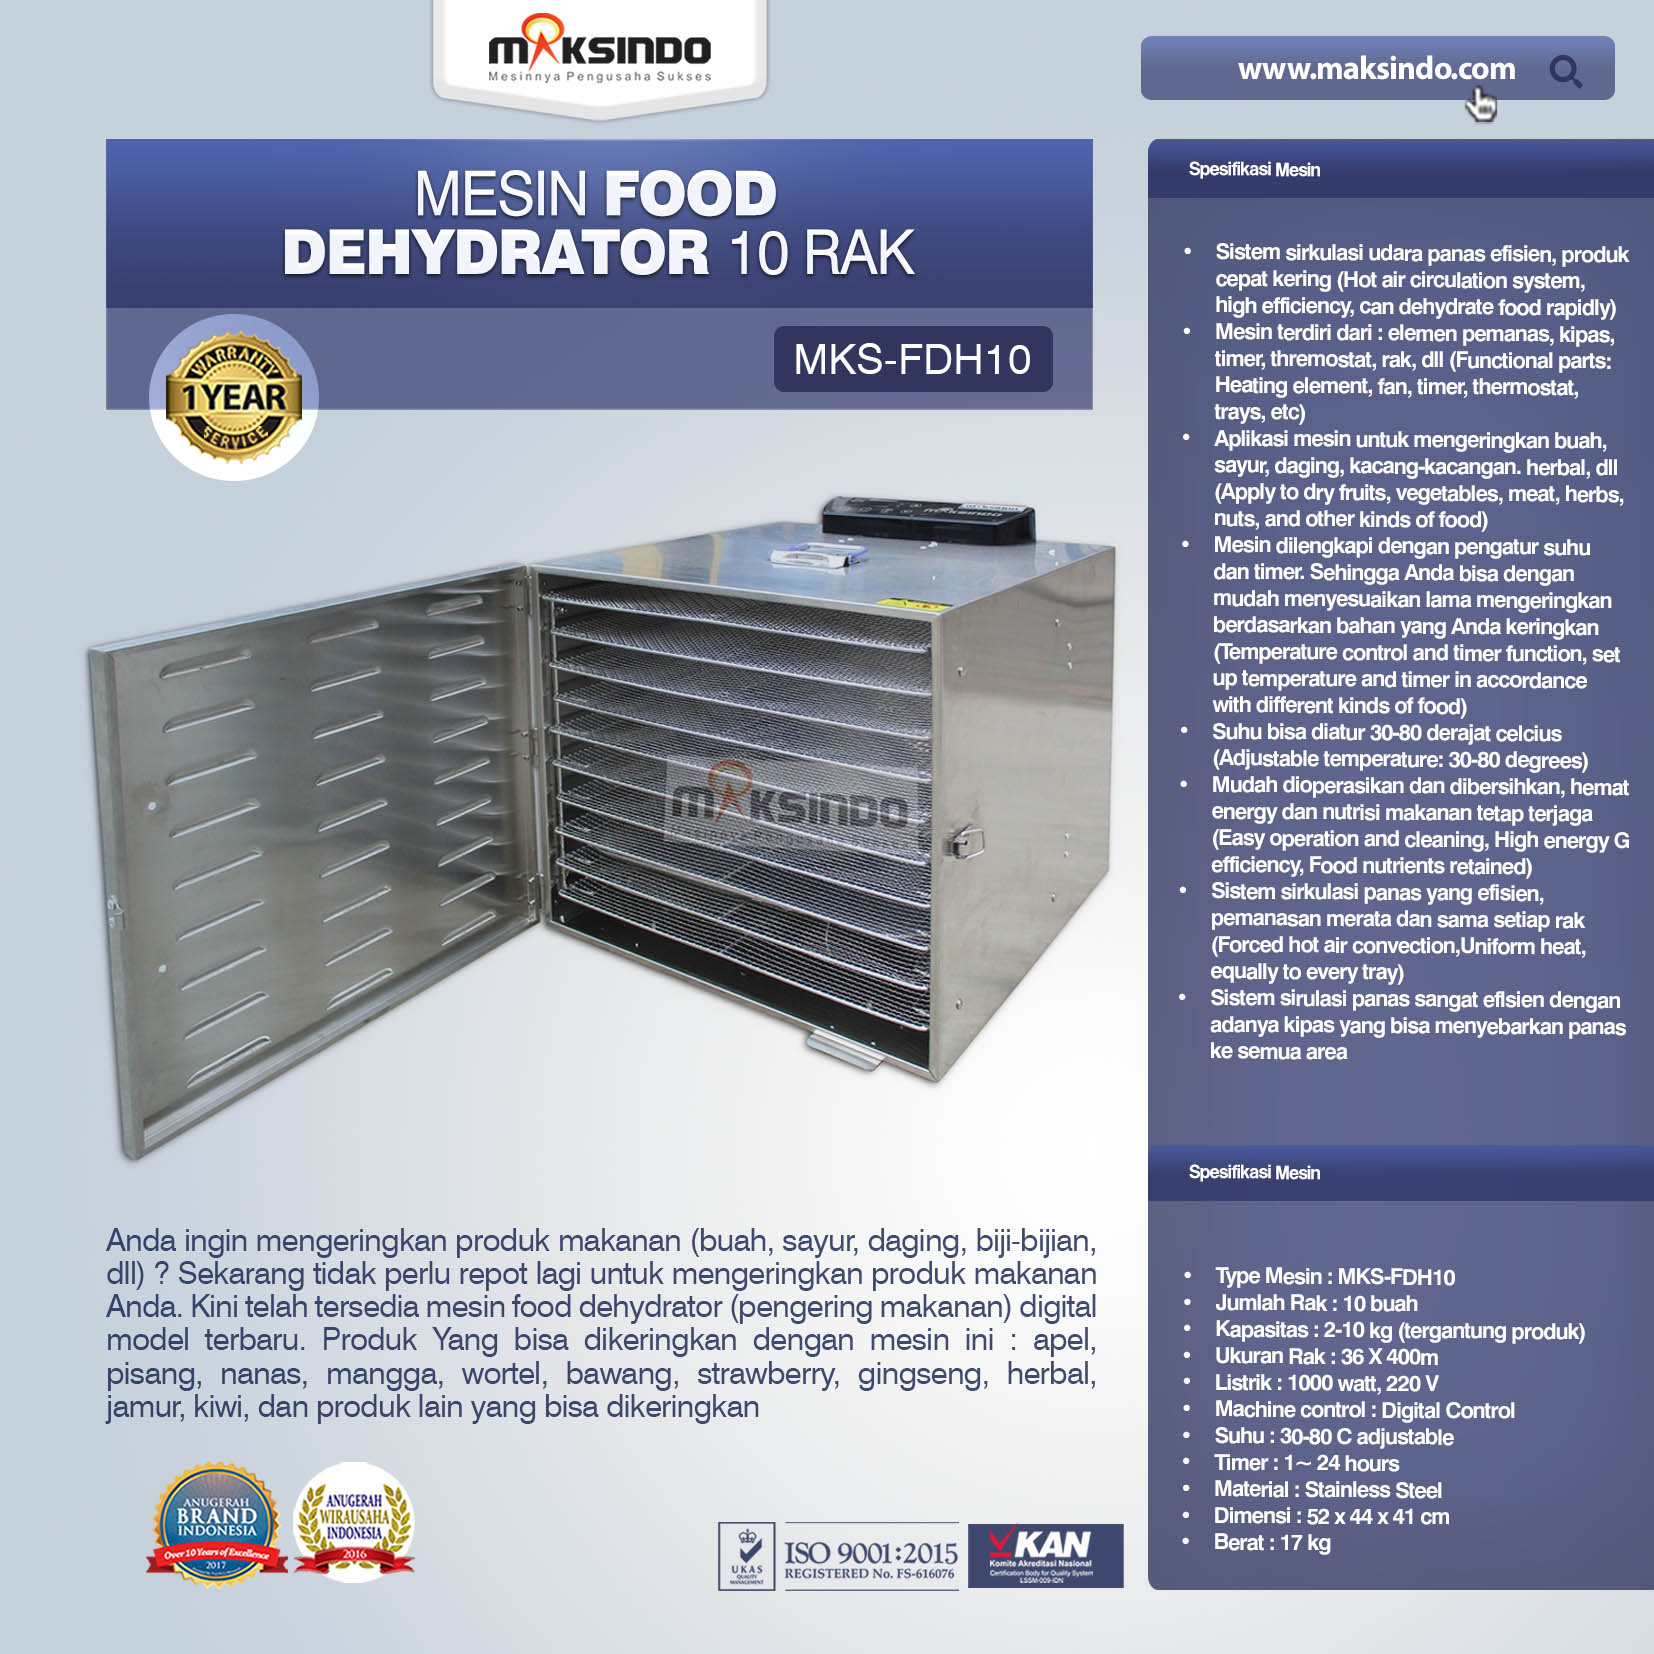 Jual Mesin Food Dehydrator 10 Rak (FDH10) di Blitar